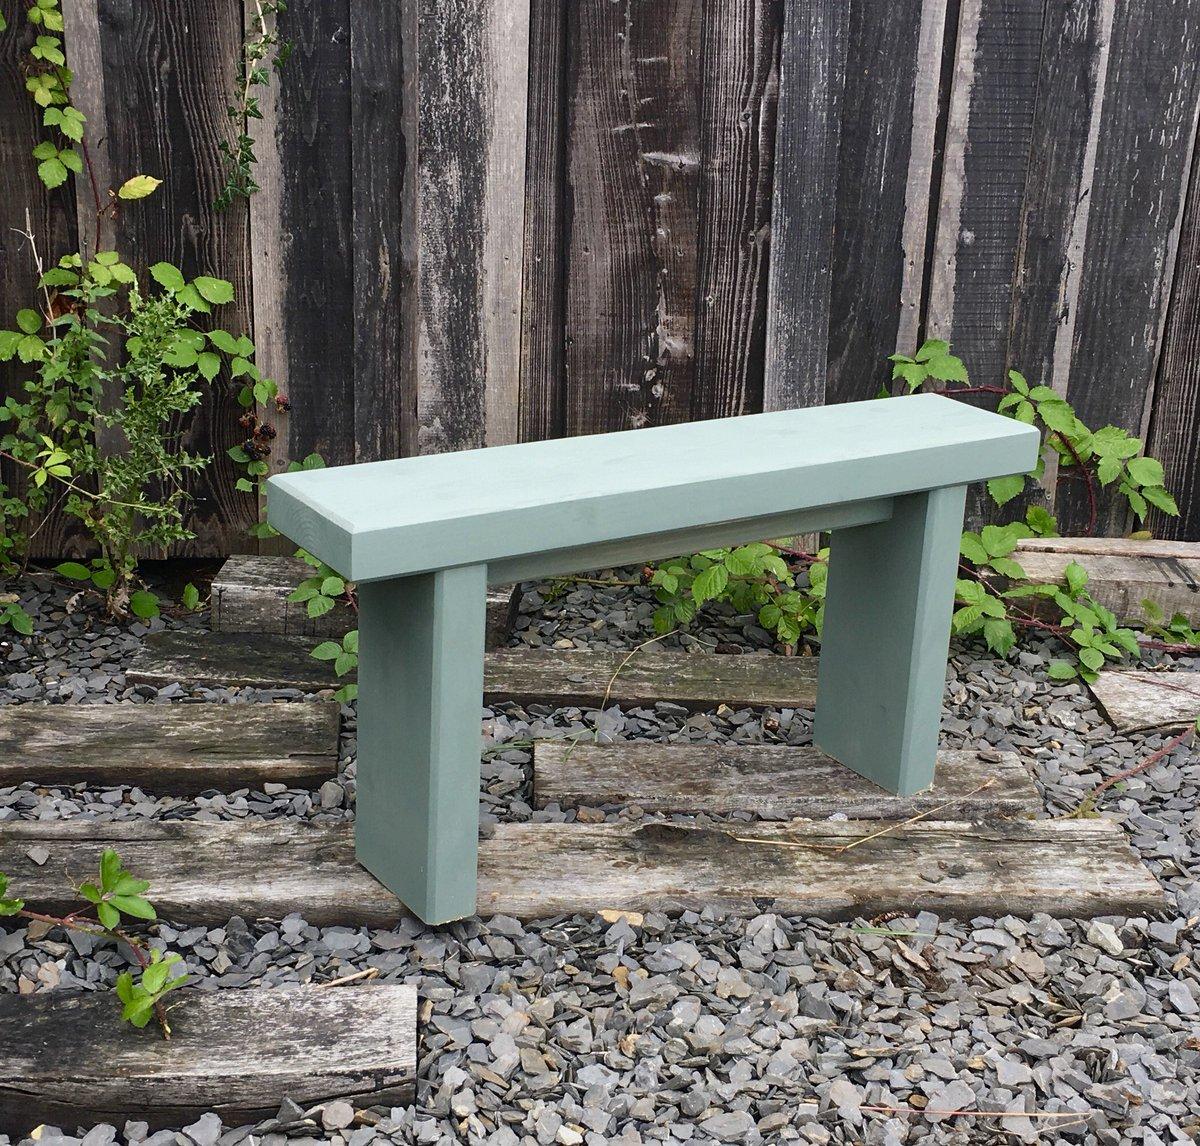 ... Garden @EtsyUK Https://www.etsy.com/uk/listing/607116113/wild Thyme  Garden Bench?refu003dshop_home_active_2 U2026 #OnlineCraft #crafthour #Craftbuzz  #handmade ...